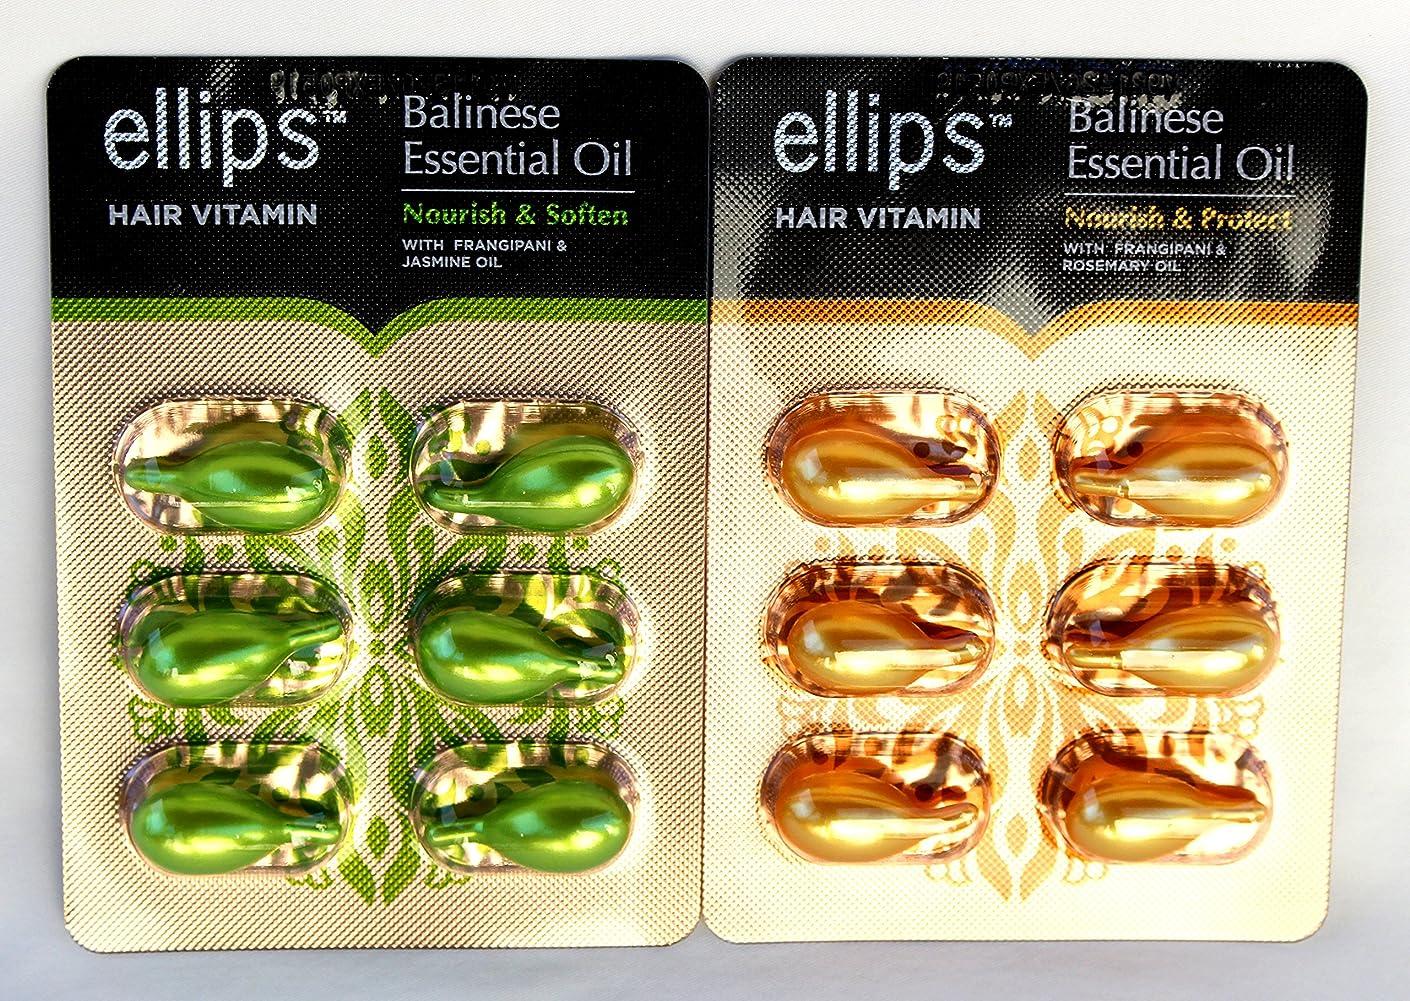 依存作詞家資本主義ellips エリプス Hair Vitamin ヘア ビタミン Balinese Essential Oil バリニーズ エッセンシャルオイル 配合(フランジパニ & ローズマリー + フランジパニ & ジャスミン) 各6粒入シート(2枚) [並行輸入品][海外直送品]